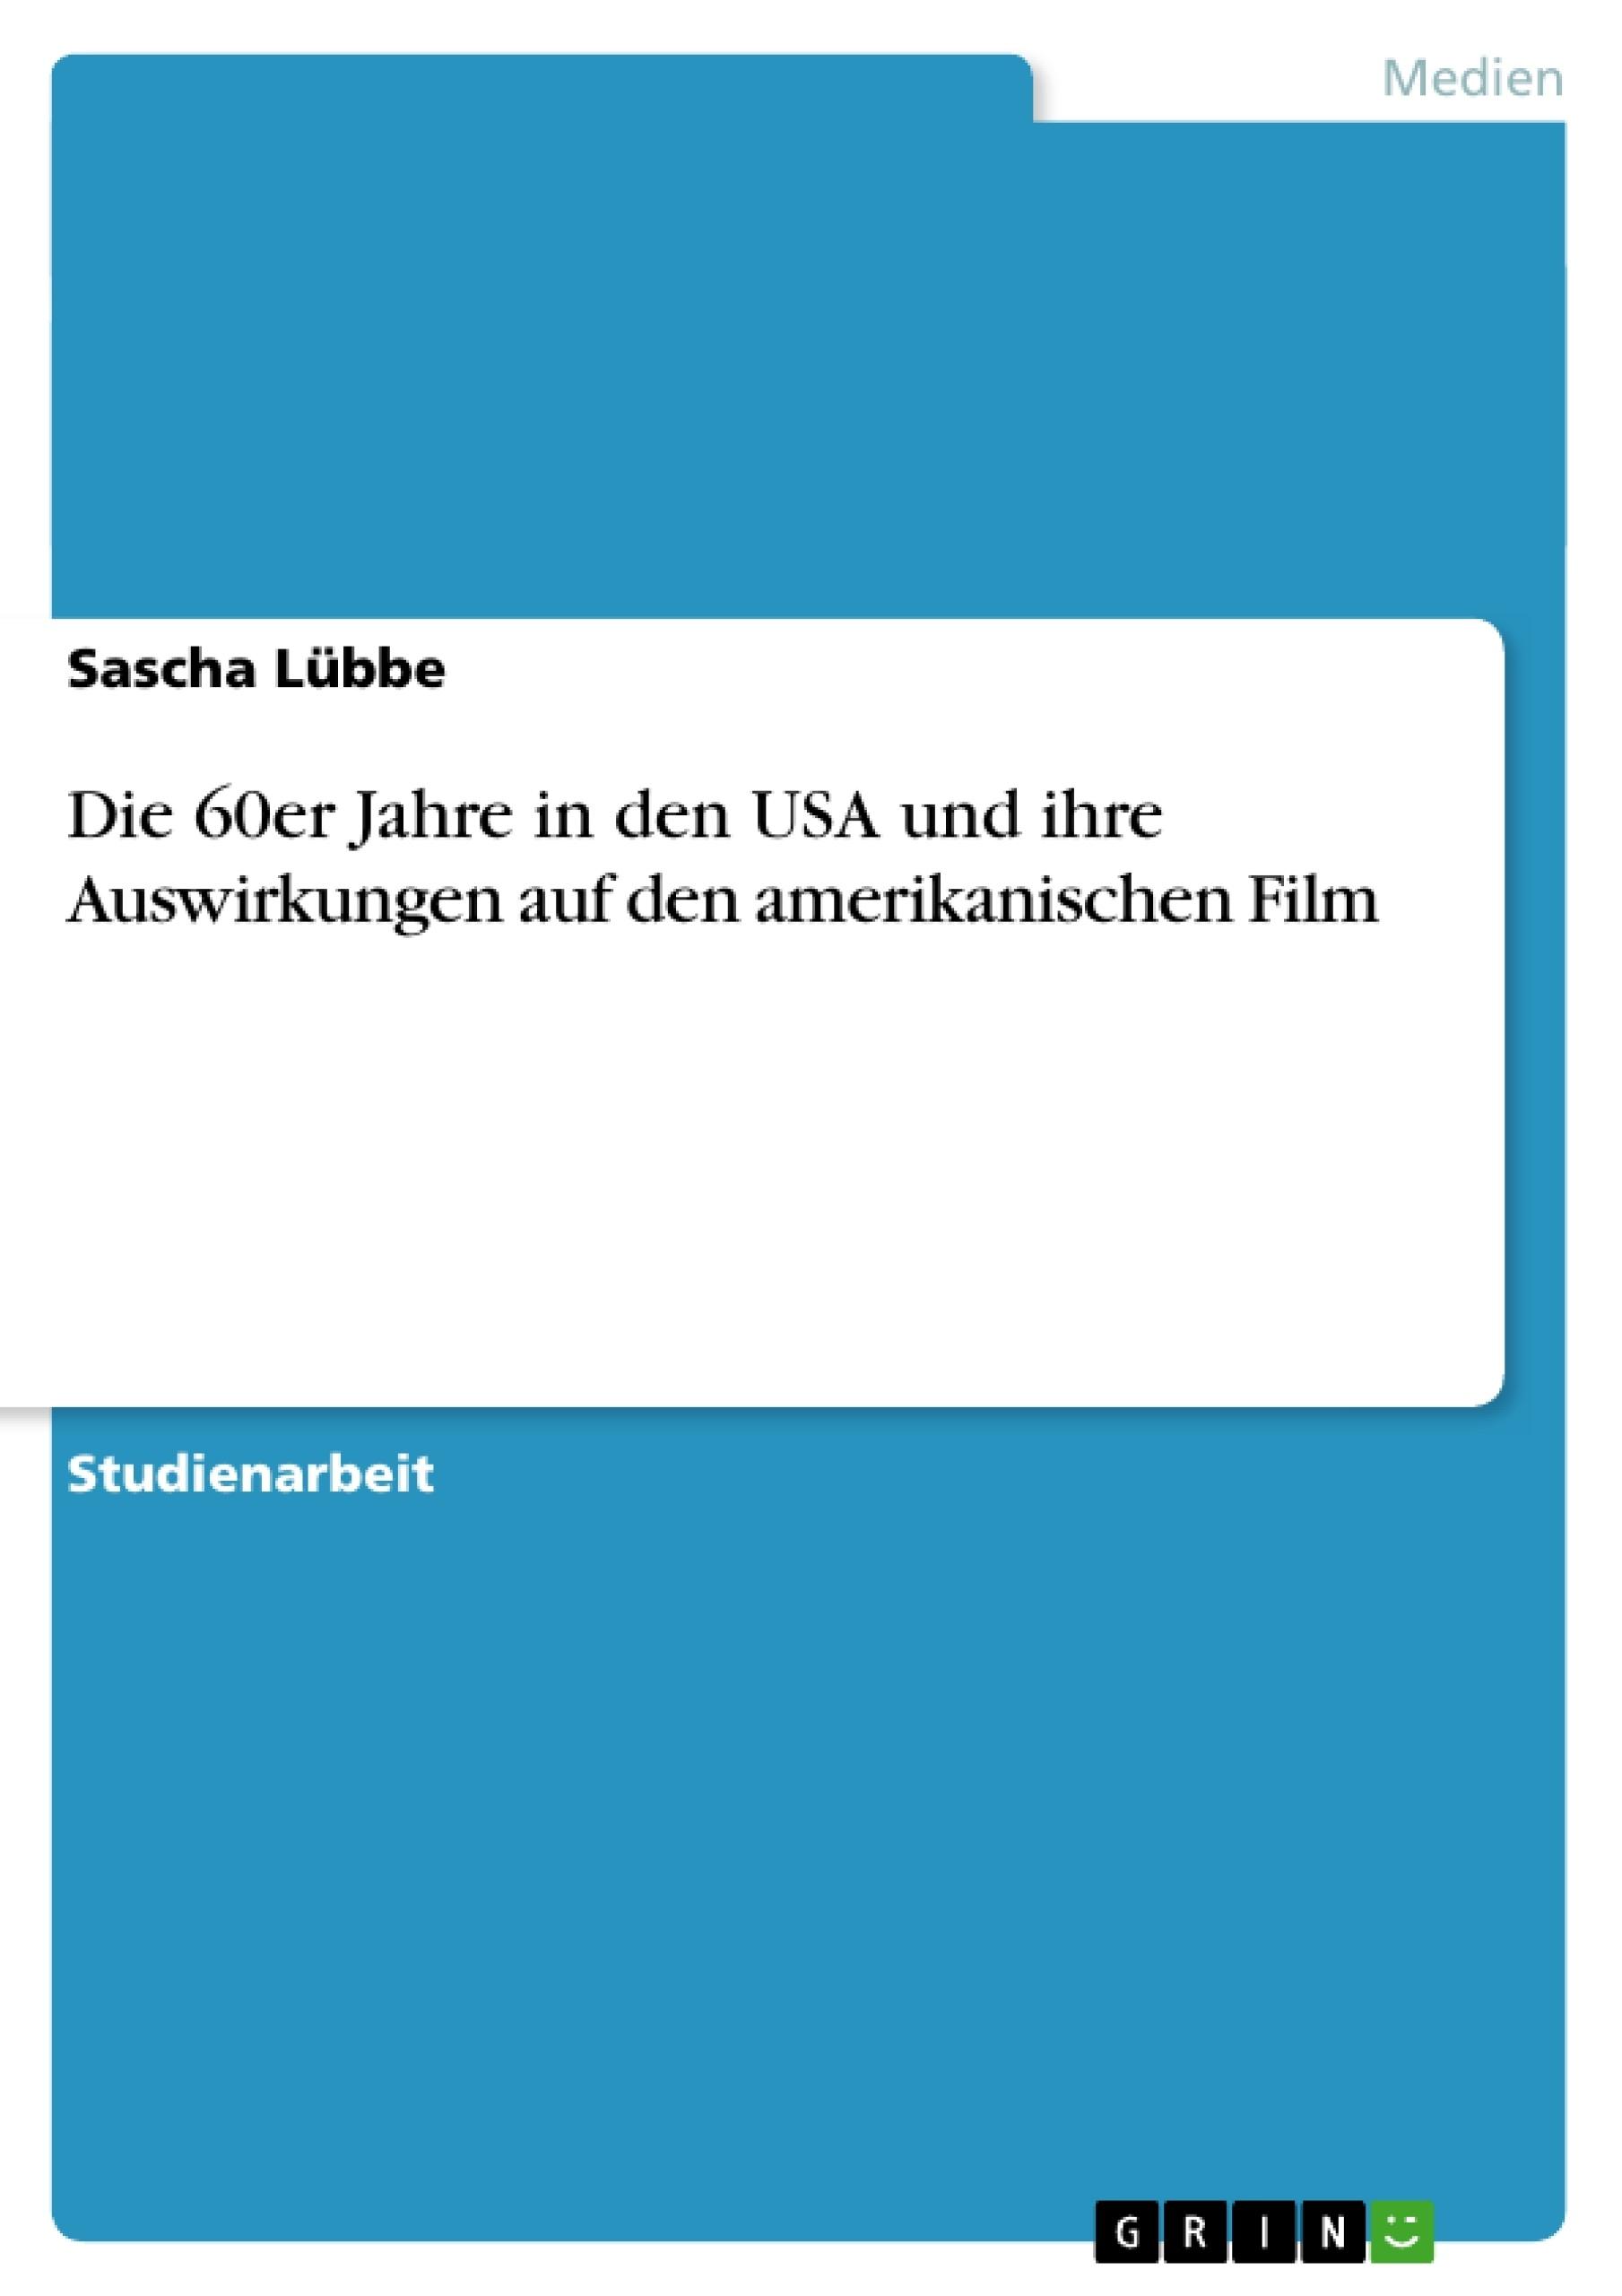 Titel: Die 60er Jahre in den USA und ihre Auswirkungen auf den amerikanischen Film